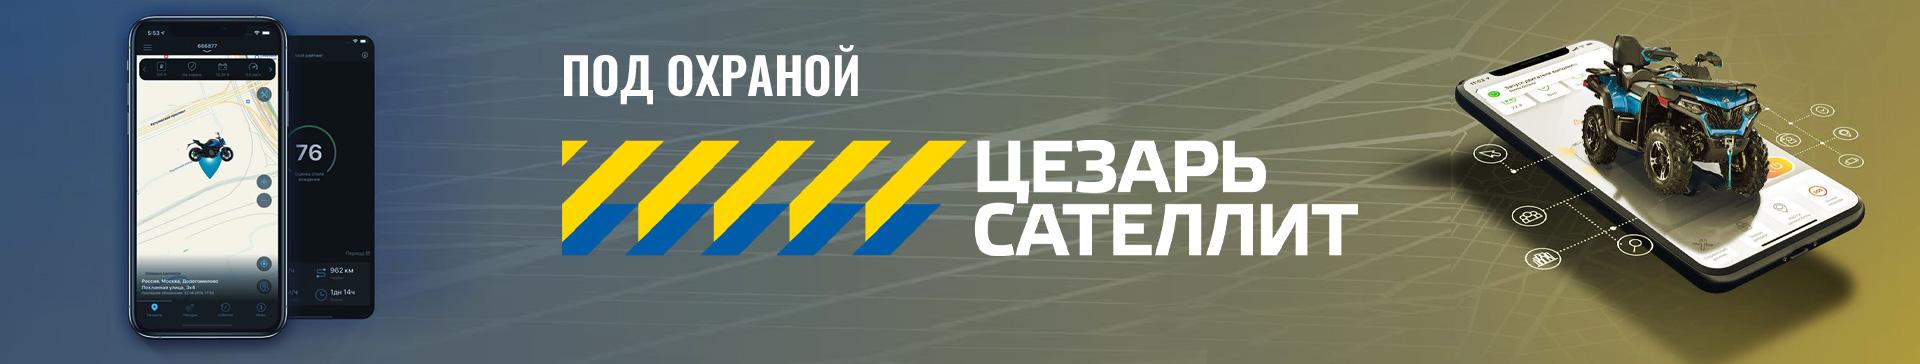 csatbanew